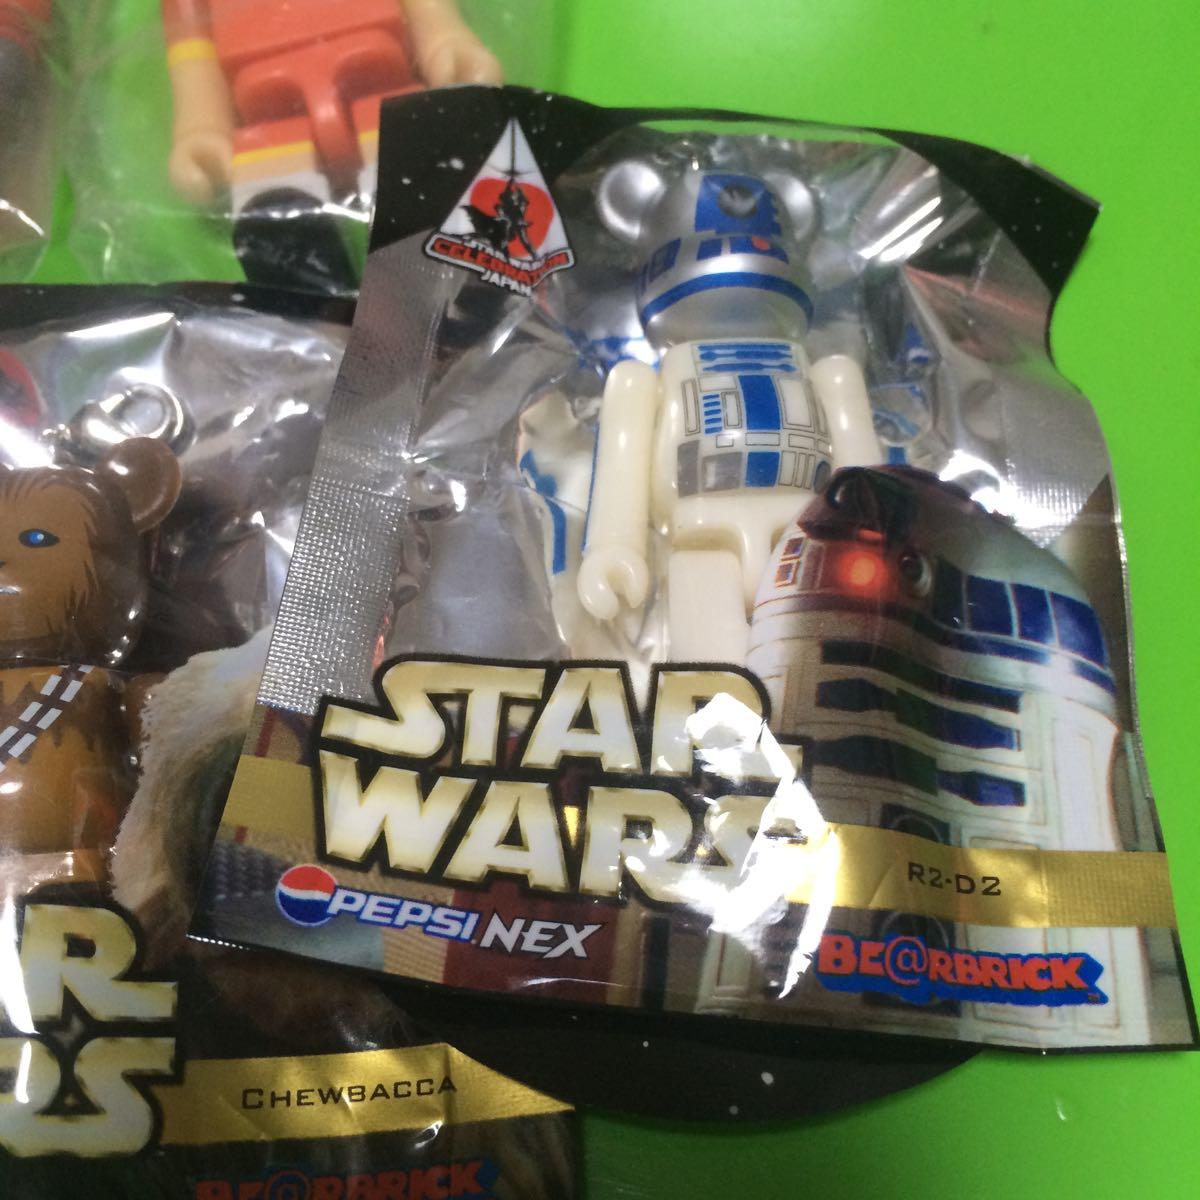 ペプシ ベアブリック BE@RBRICK スターウォーズ (R2-D2 チューバッカ ヨーダ) 3種/ KUBRICK キューブリック グリコビスコ(3種)_画像4